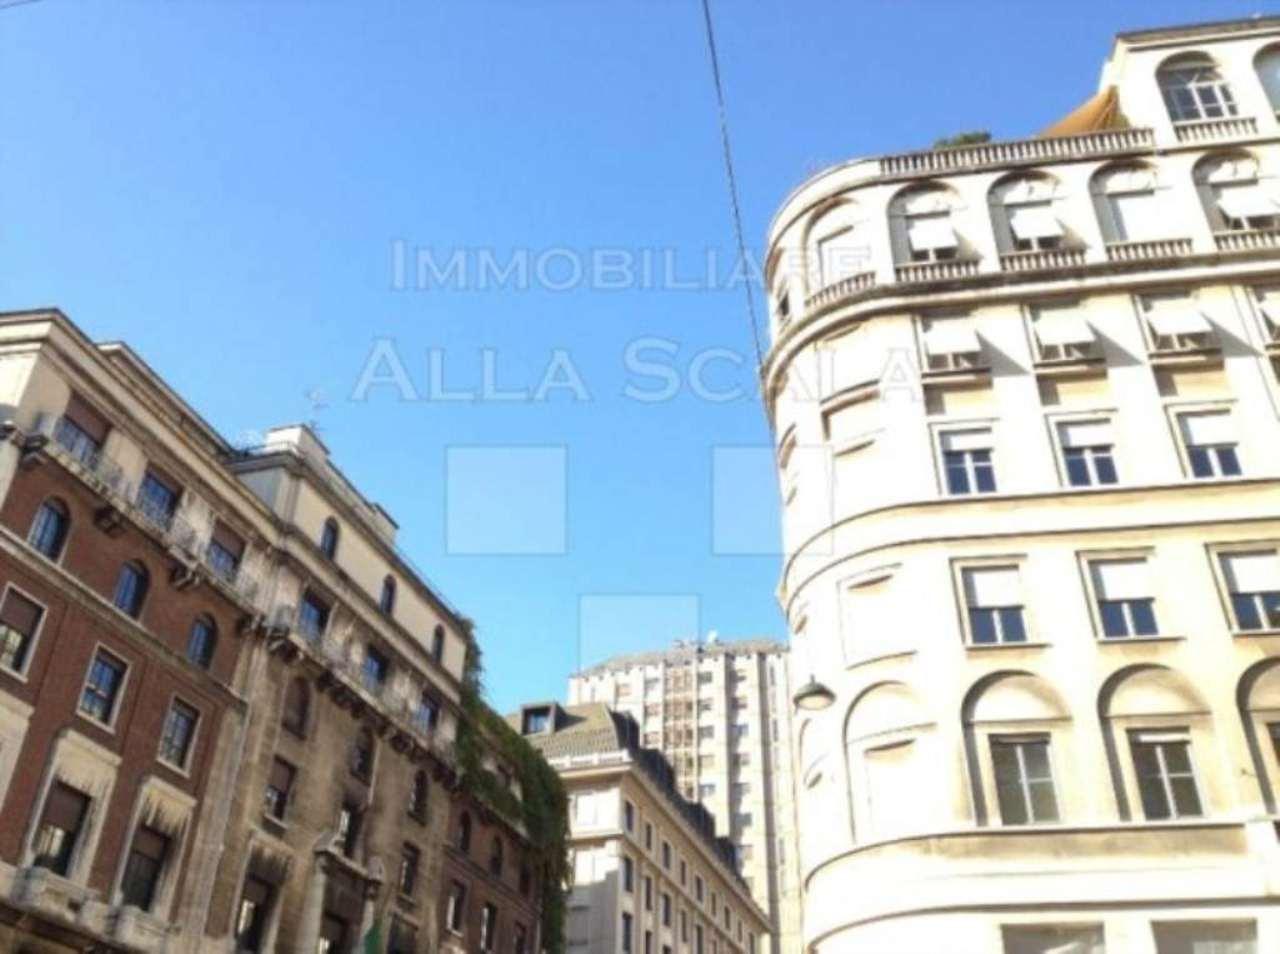 Appartamento in Affitto a Milano 01 Centro storico (Cerchia dei Navigli): 4 locali, 125 mq